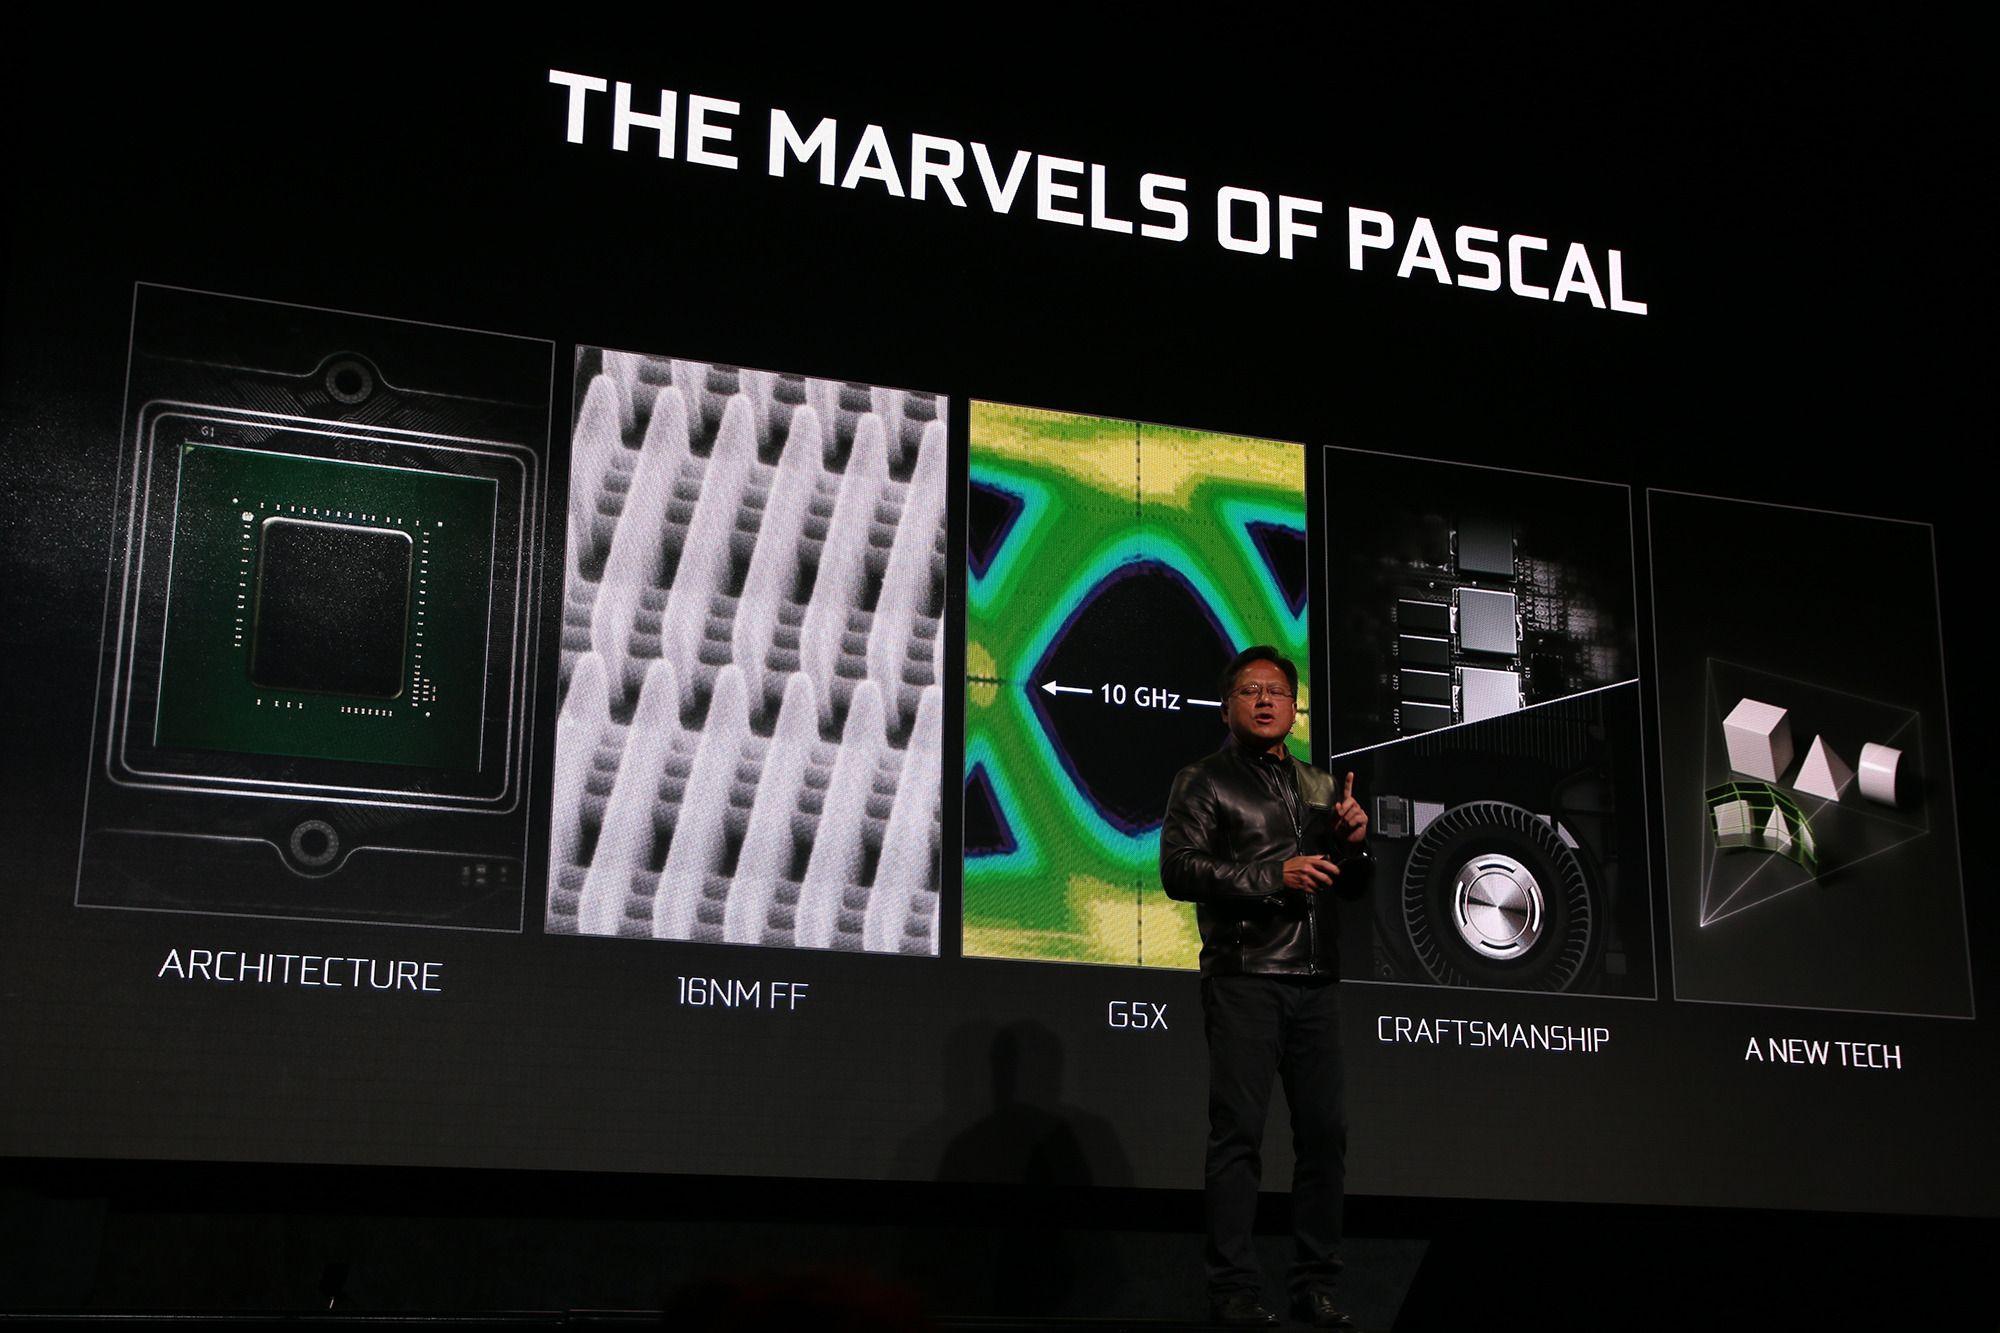 Noen av egenskapene til Pascal-baserte GTX 1080.